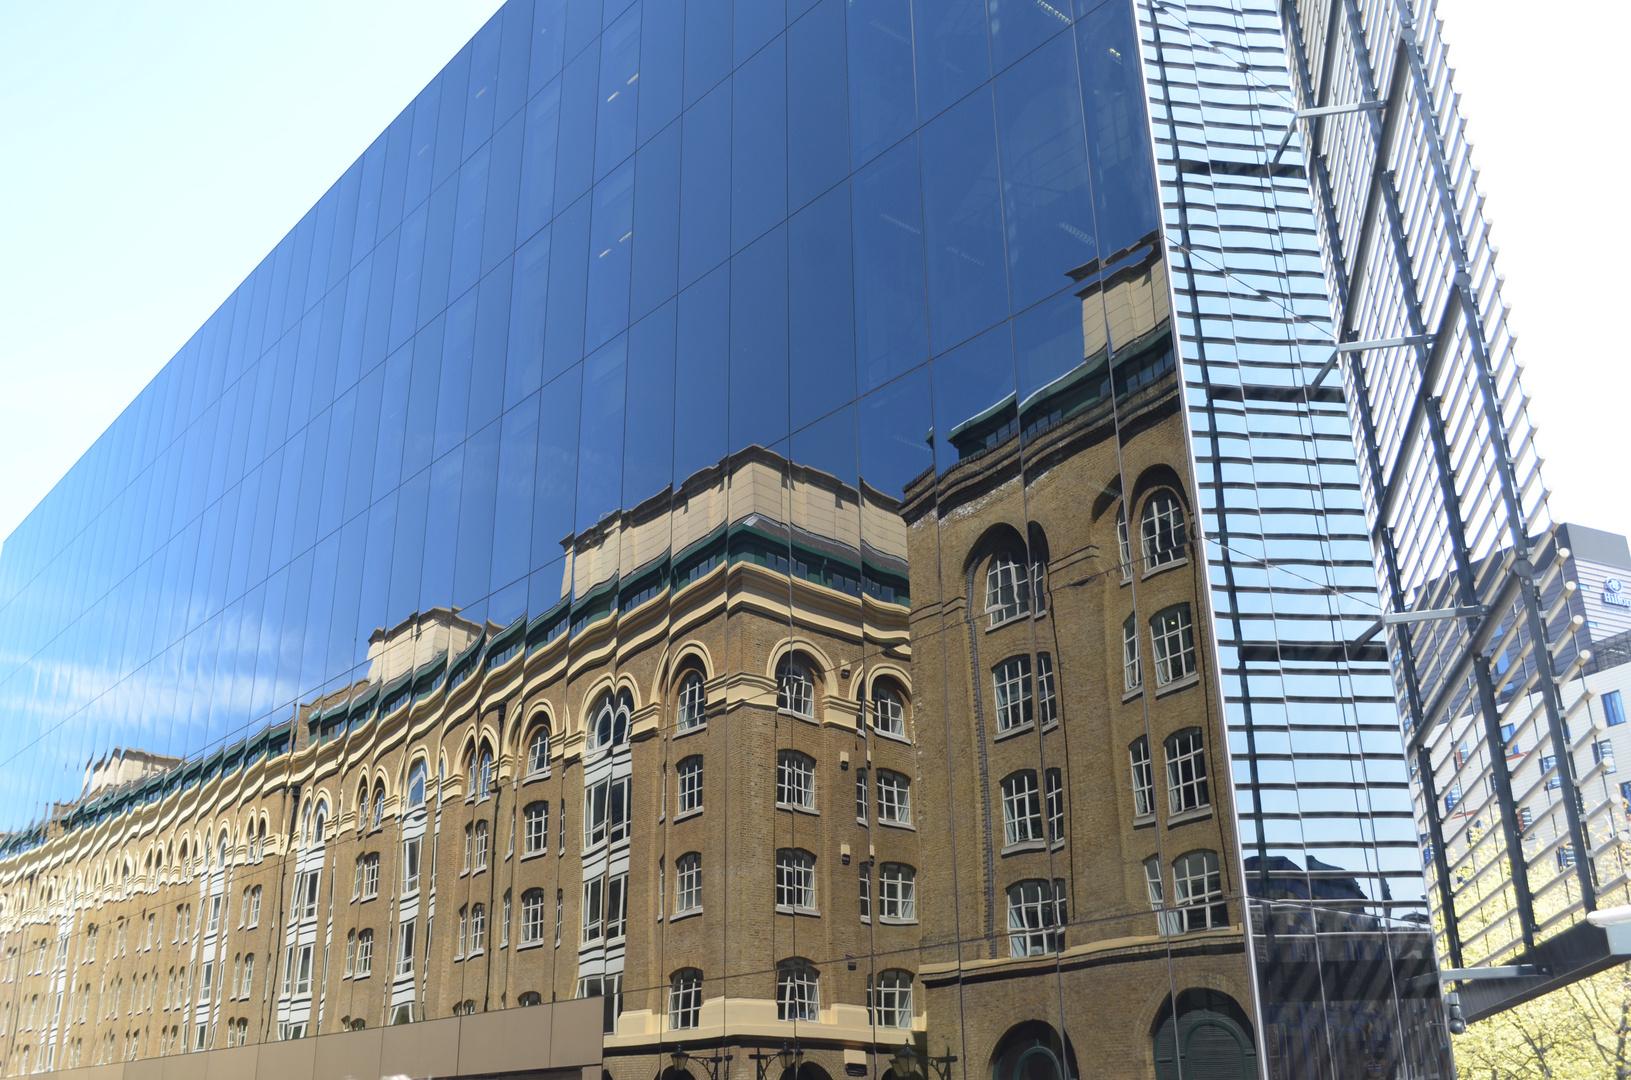 Spiegelung in mitten der City